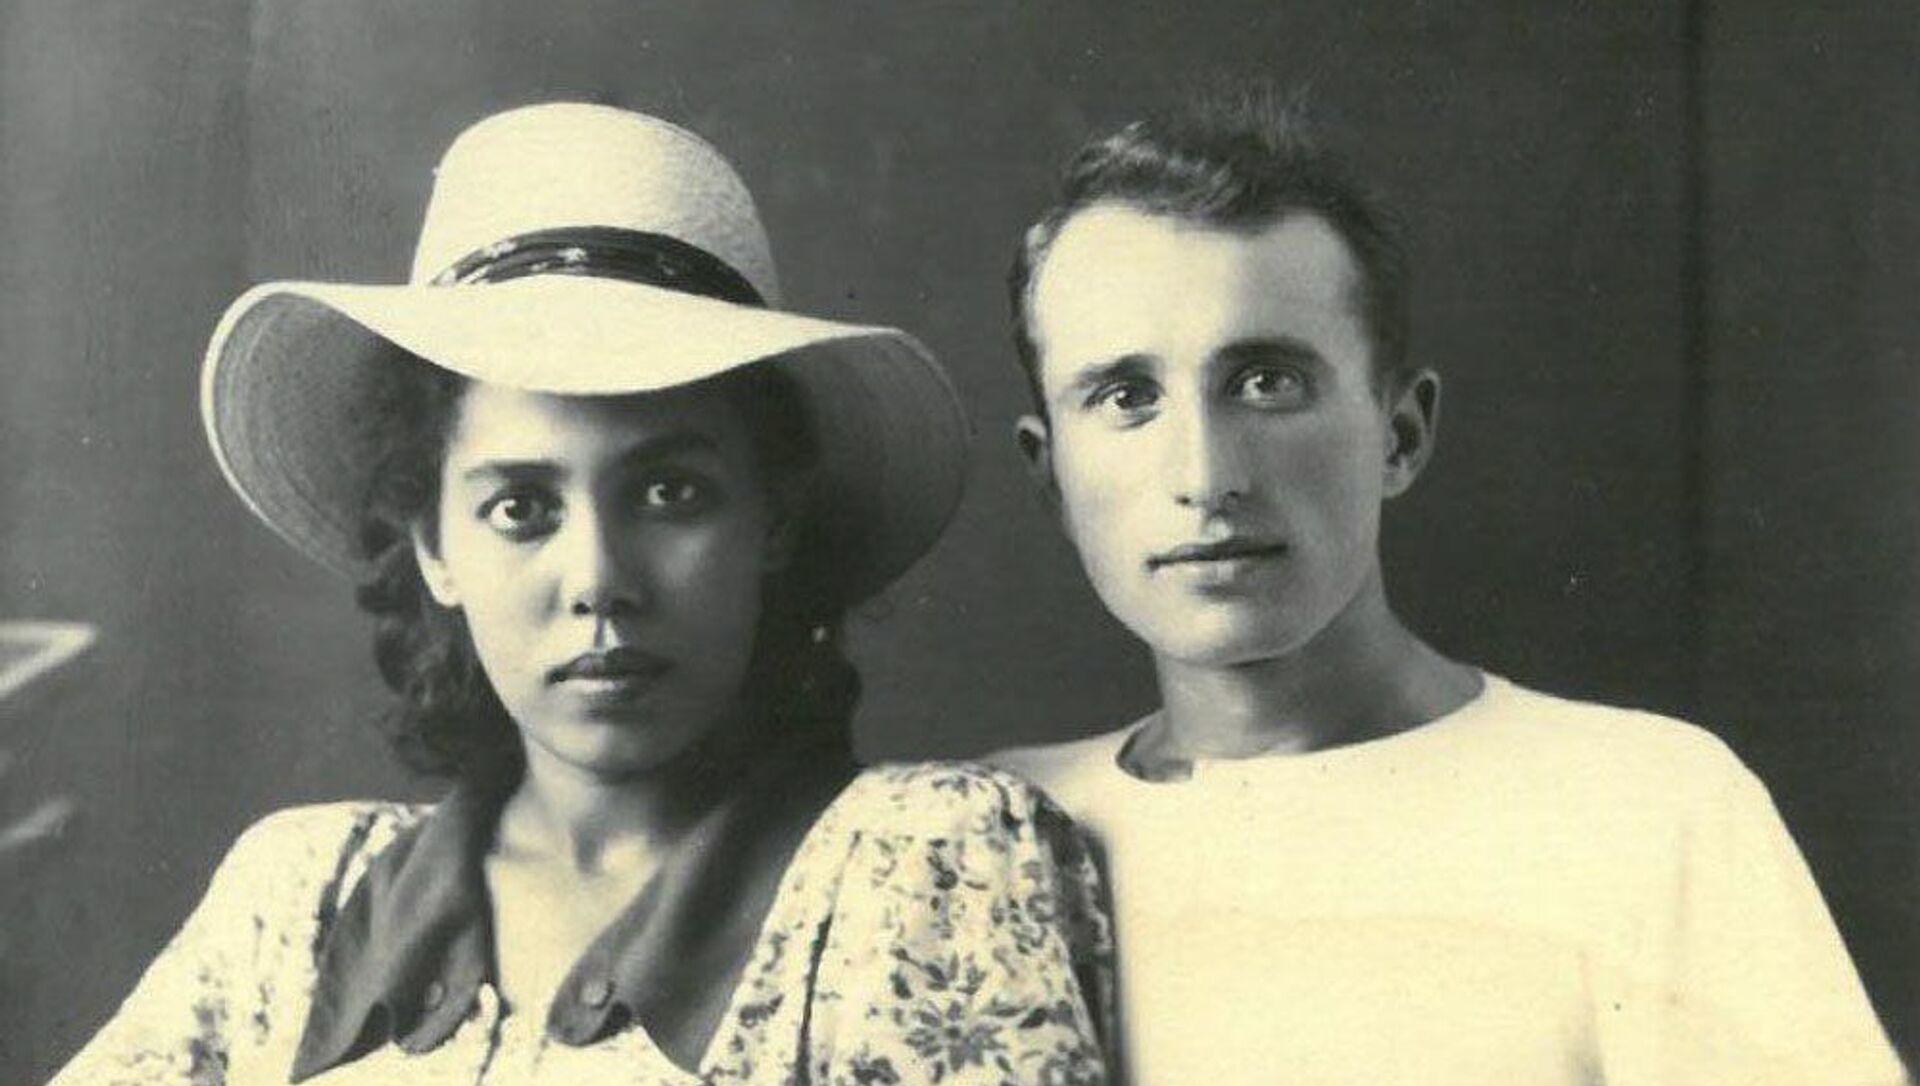 Семен Бобылев случайно наткнулся на одну из газет, где была напечатана история семьи Абаш. Он влюбился в Нуцу с первого взгляда, спустя несколько лет они поженились. - Sputnik Абхазия, 1920, 07.10.2021